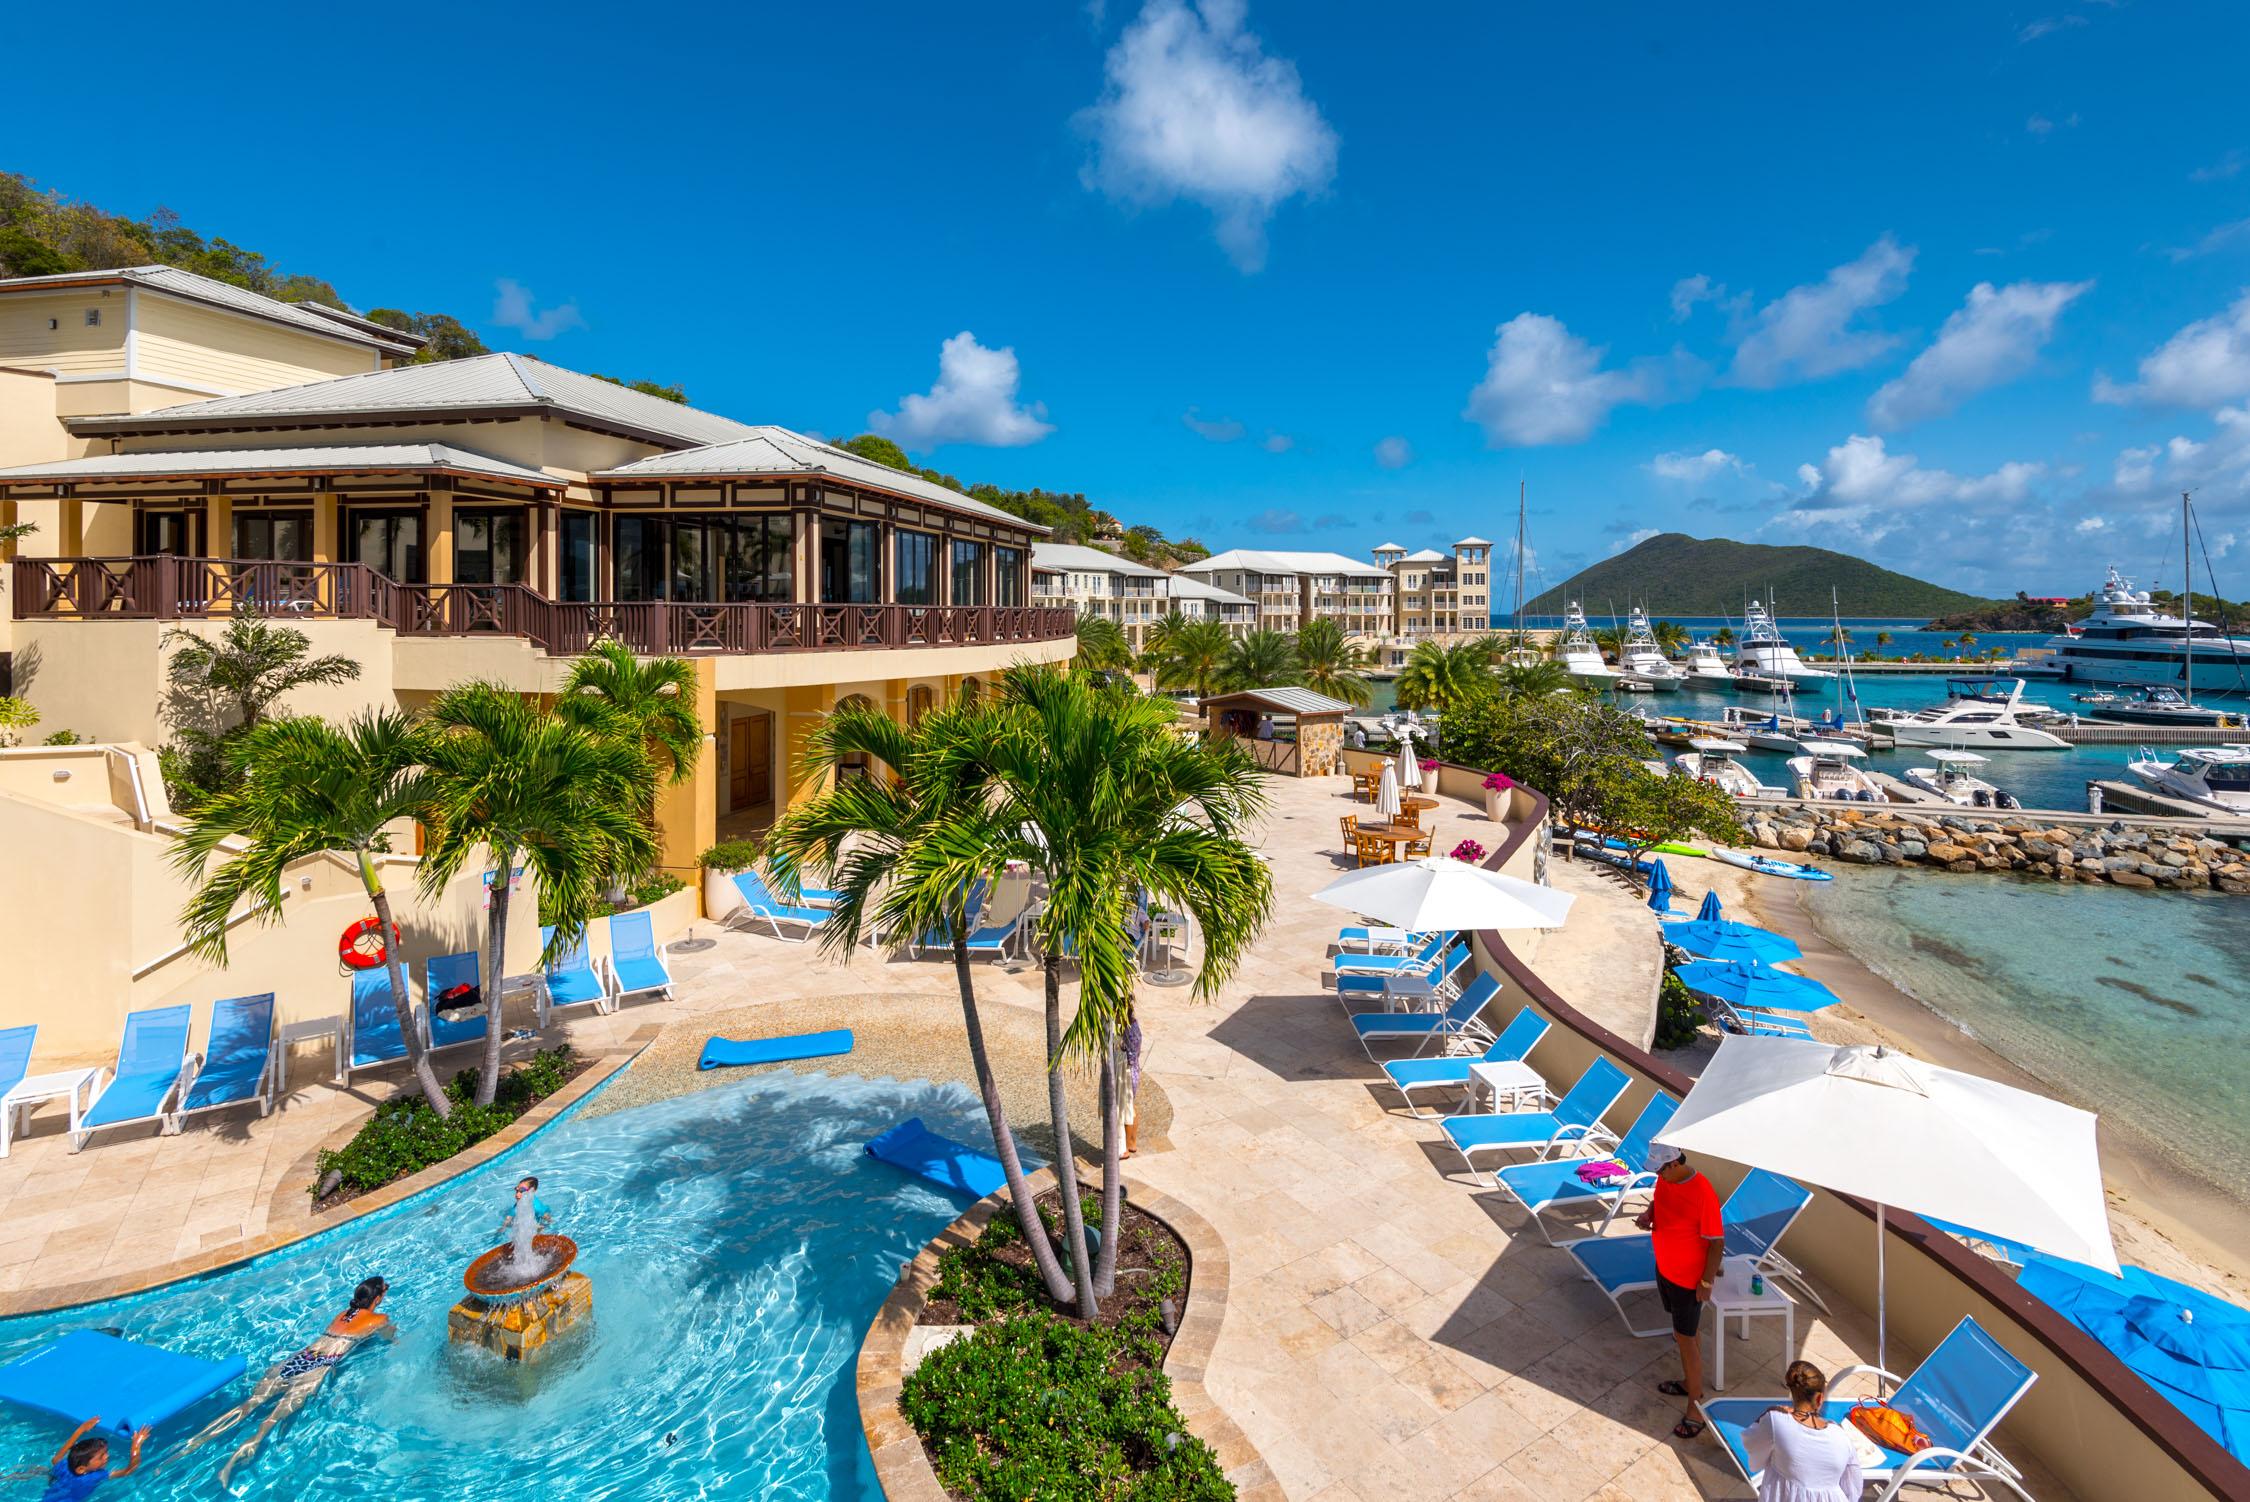 islands Marriott tortola hotels in british virgin